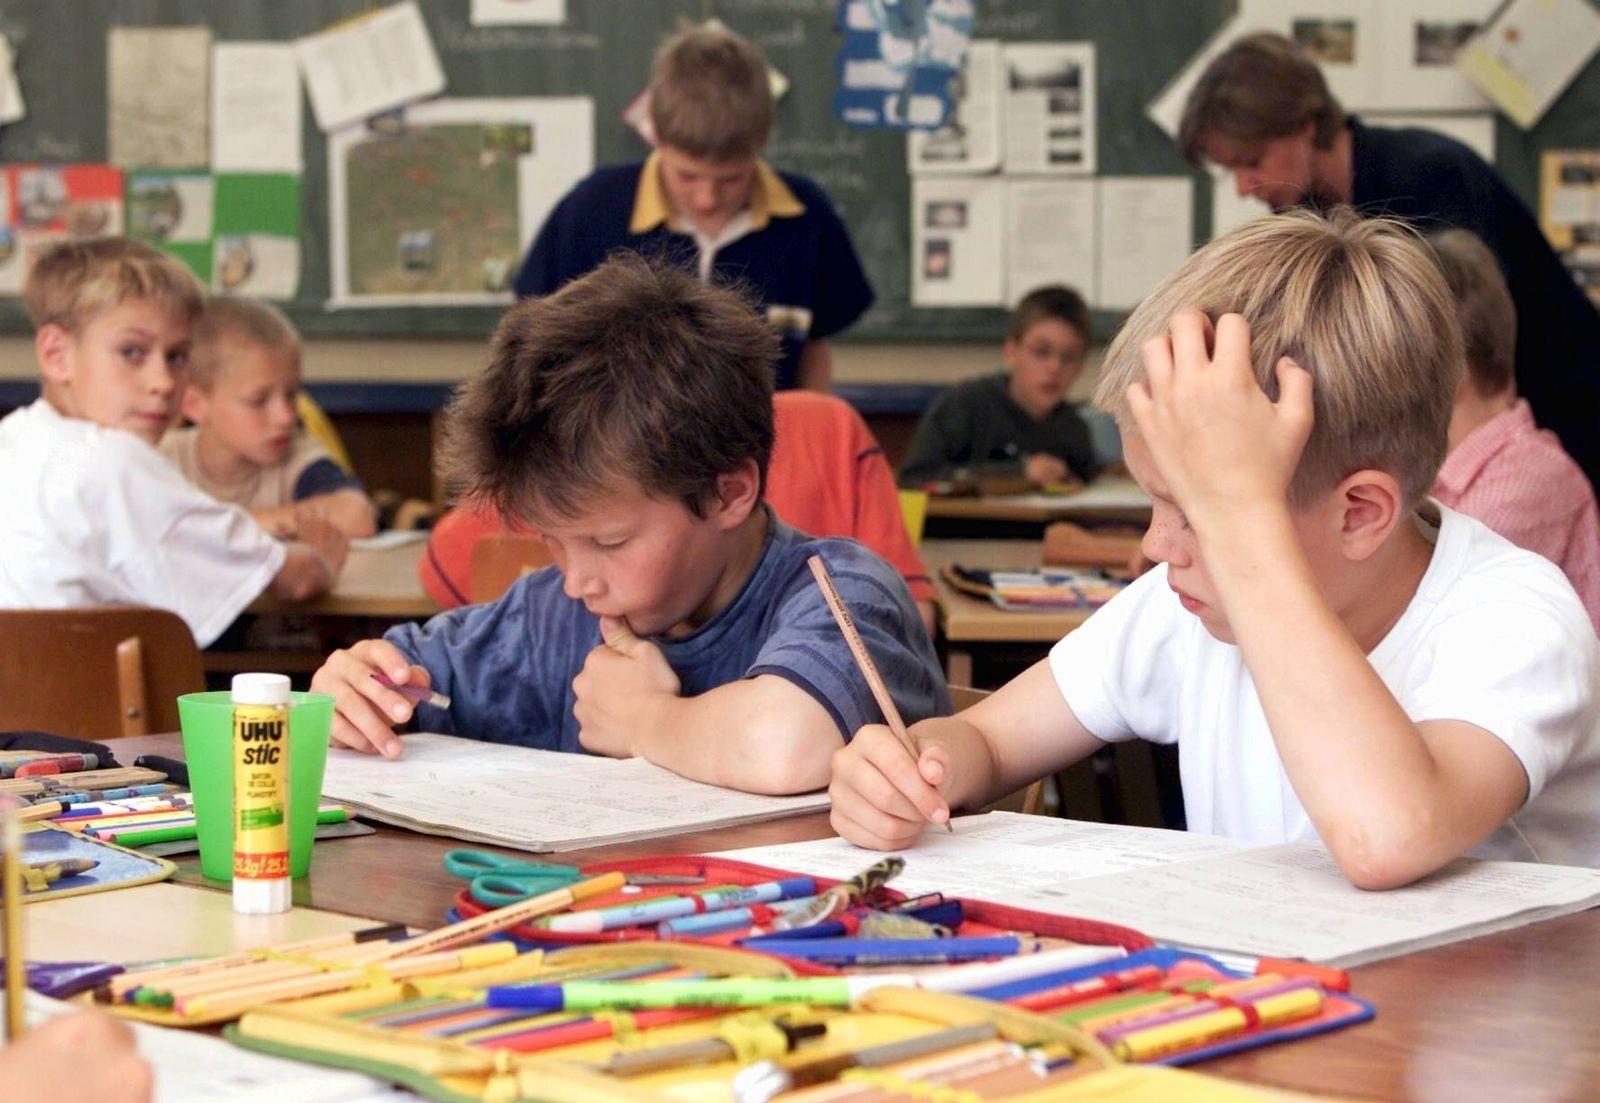 NICHT VERWENDEN SYMBOLBILD Schule / Grundschulklasse